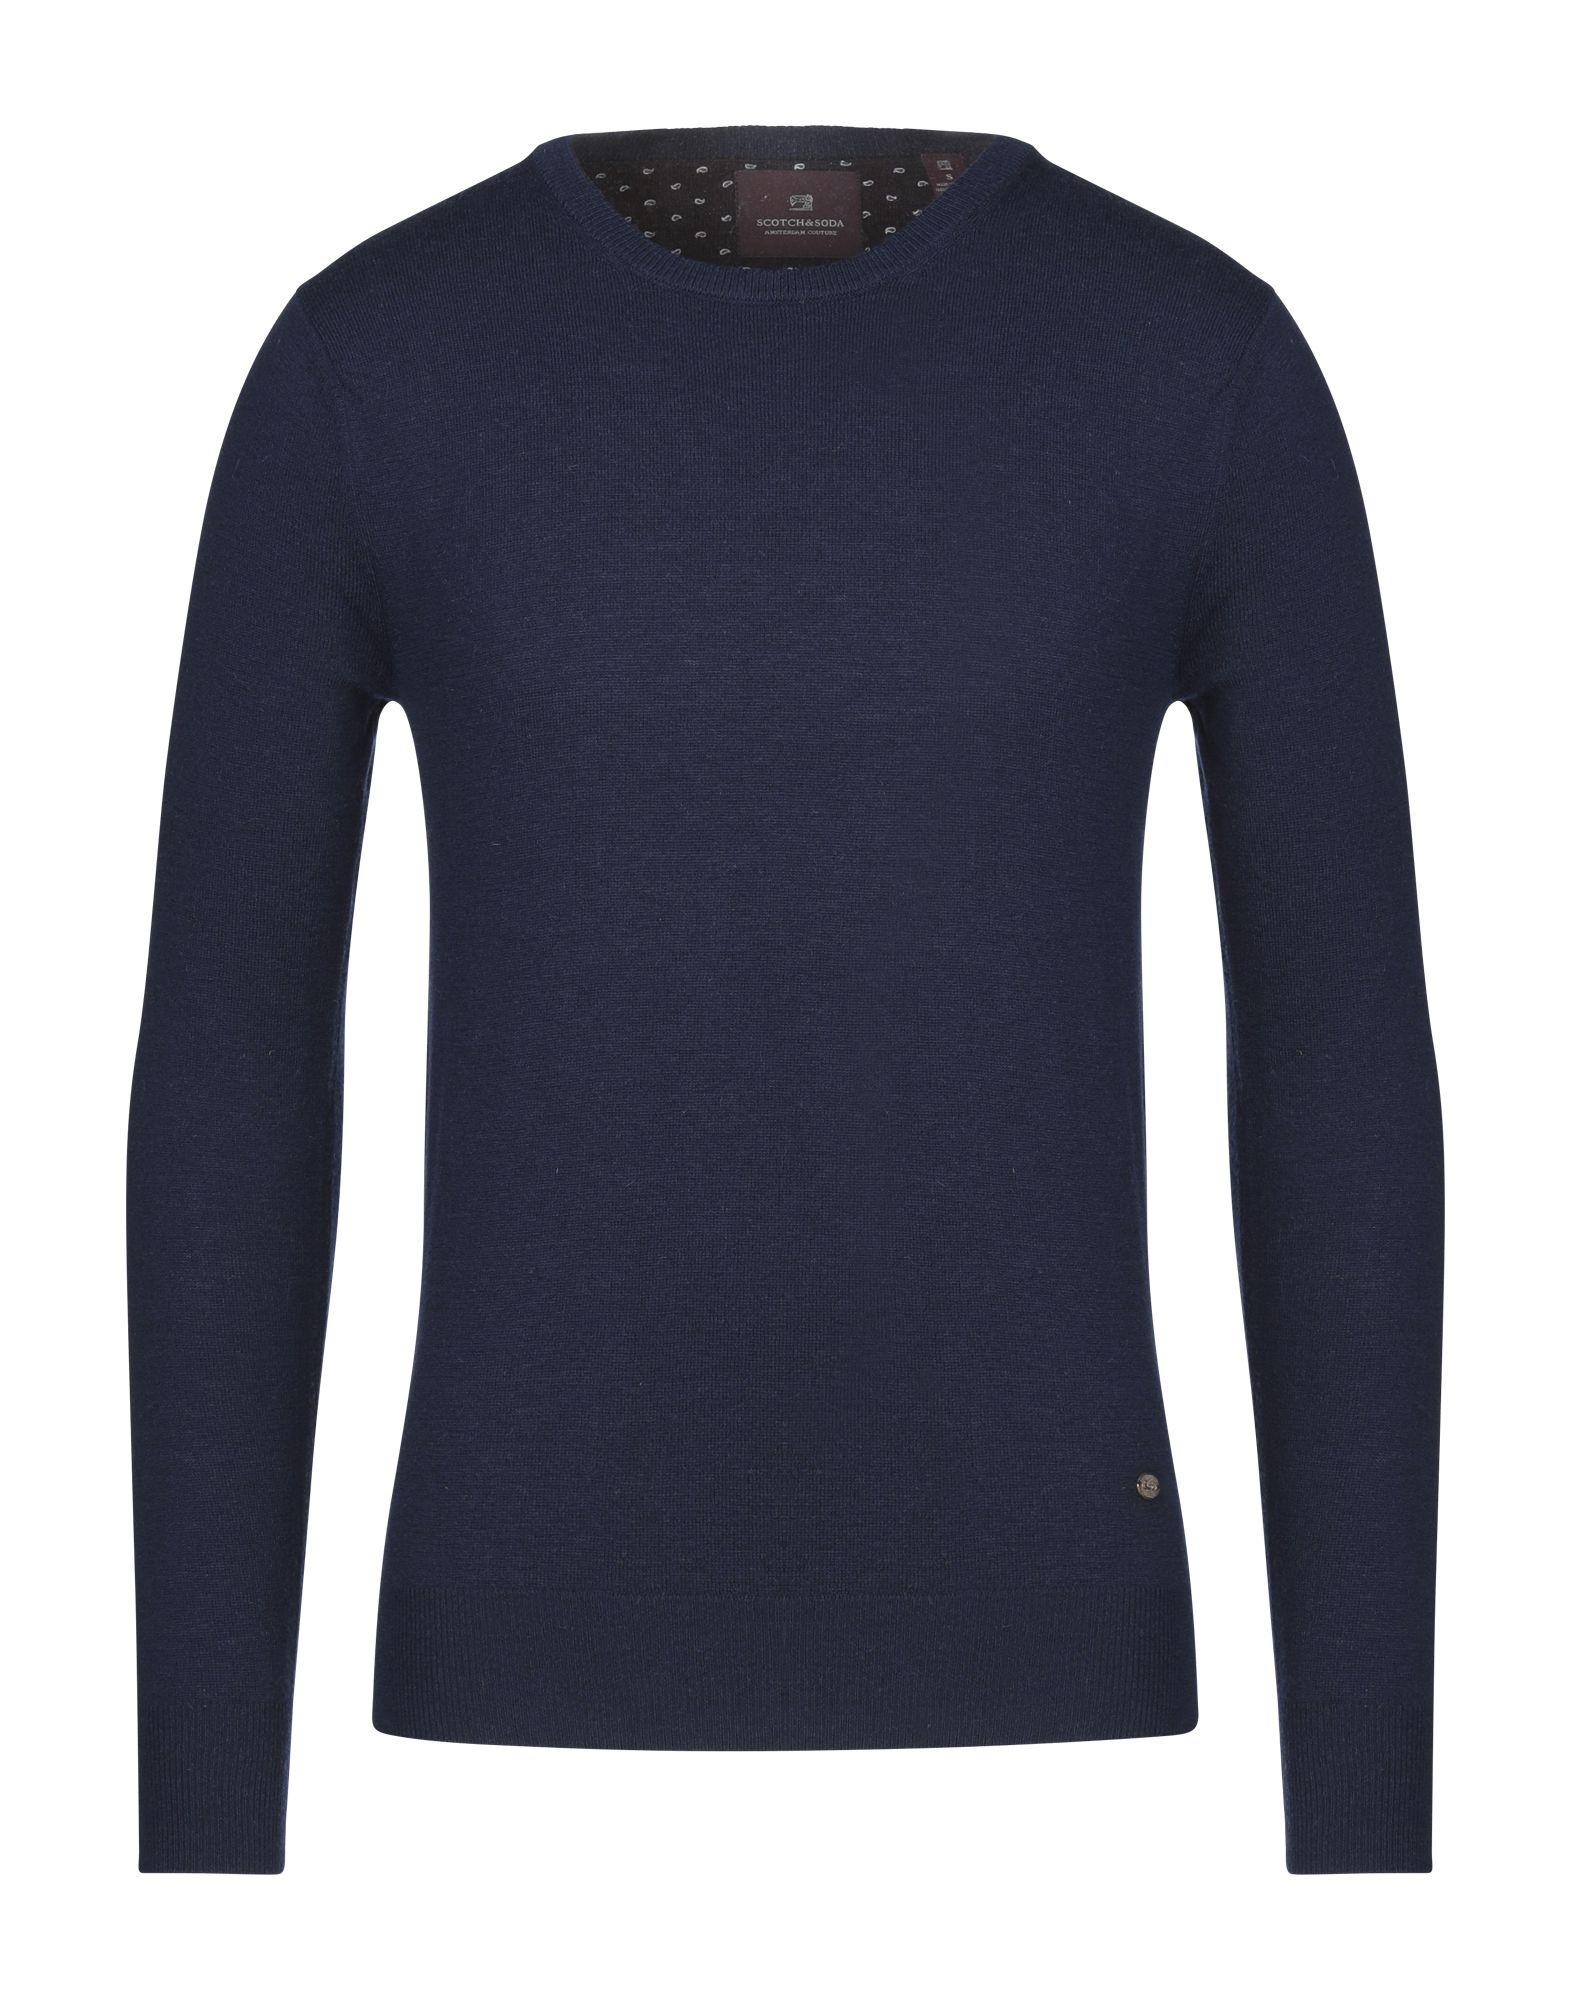 SCOTCH & SODA Sweaters - Item 39730263